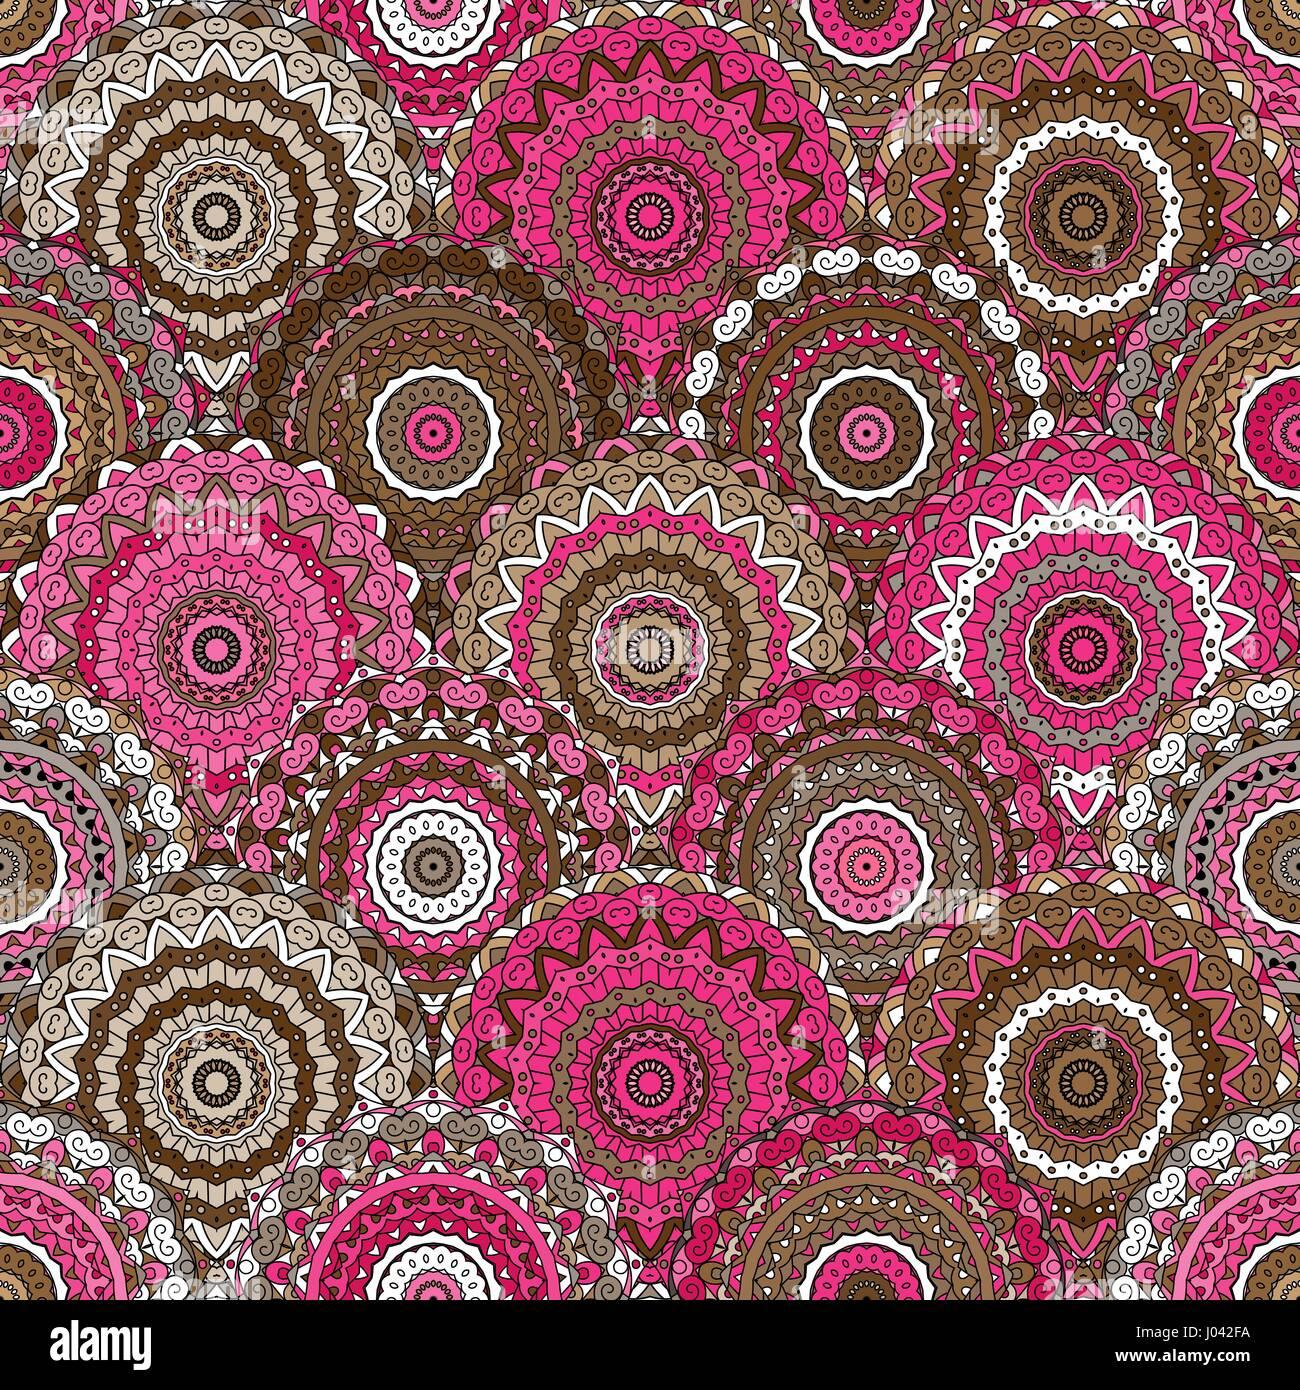 nahtlose runde muster fr das drucken auf stoff oder papier handgezeichnete hintergrund farbige indische ornament vektor illustration - Bastelpapier Muster